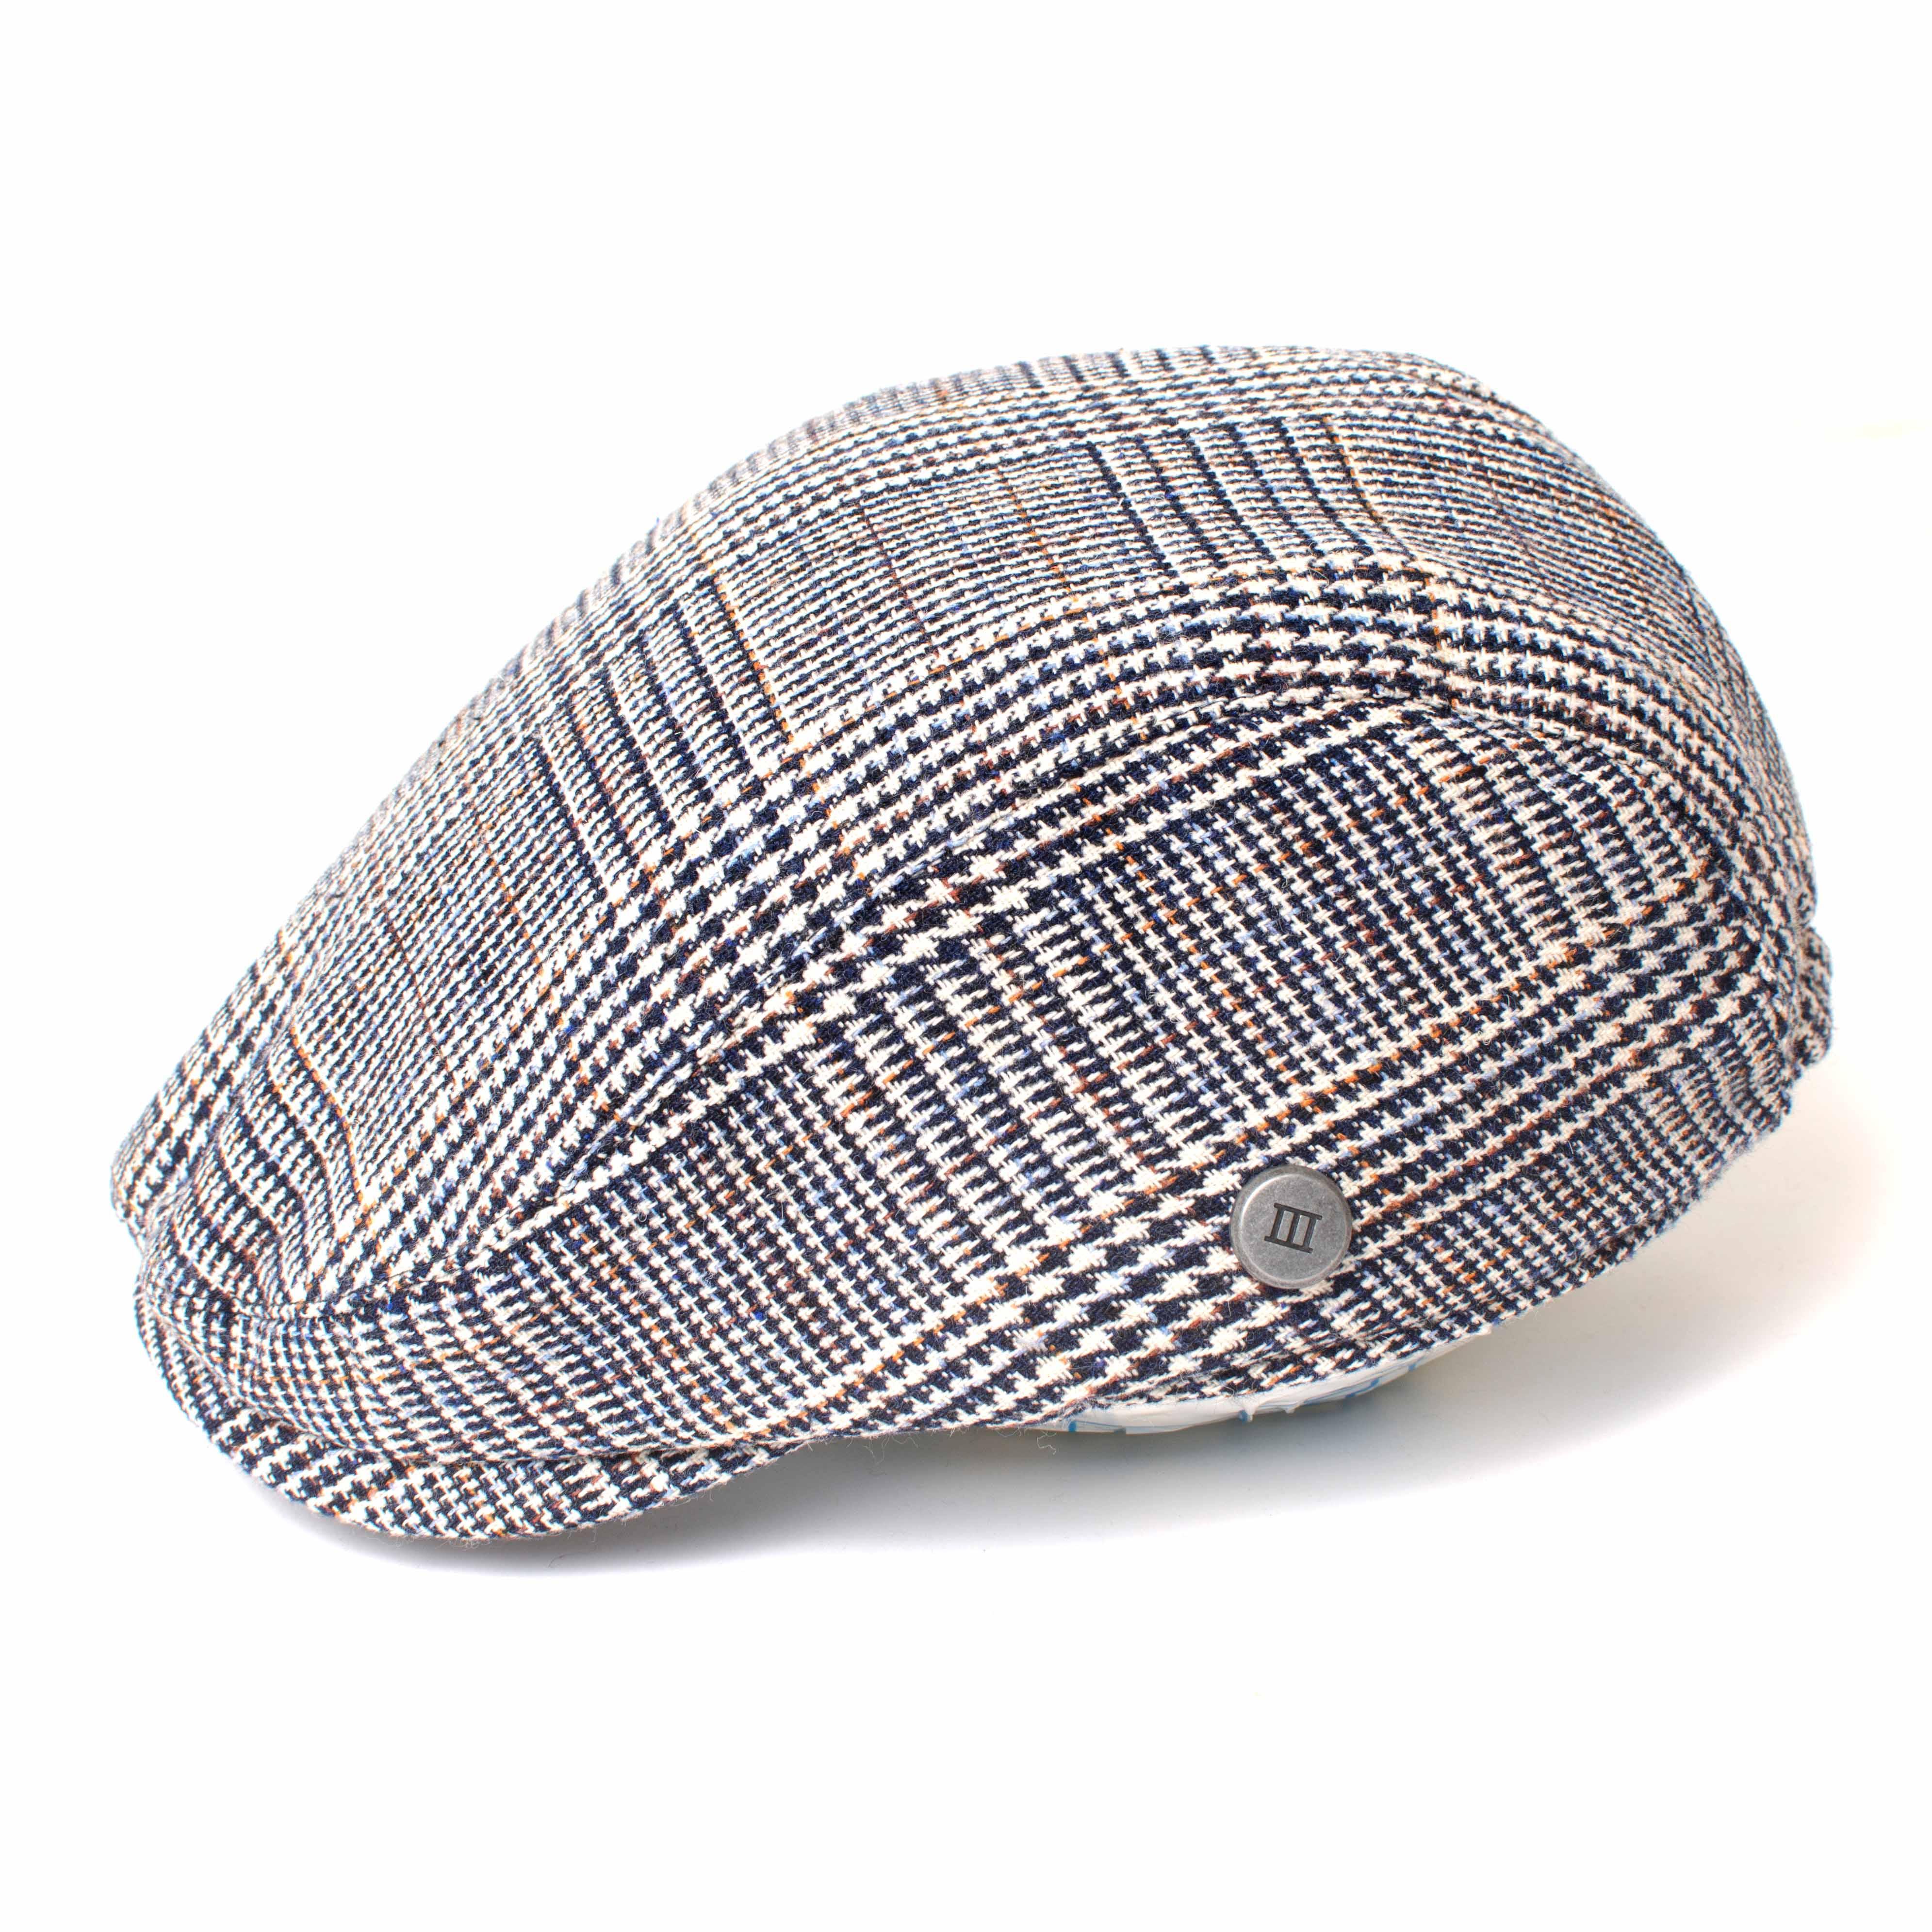 EVREN | Navy pied-de-poule style flatcap